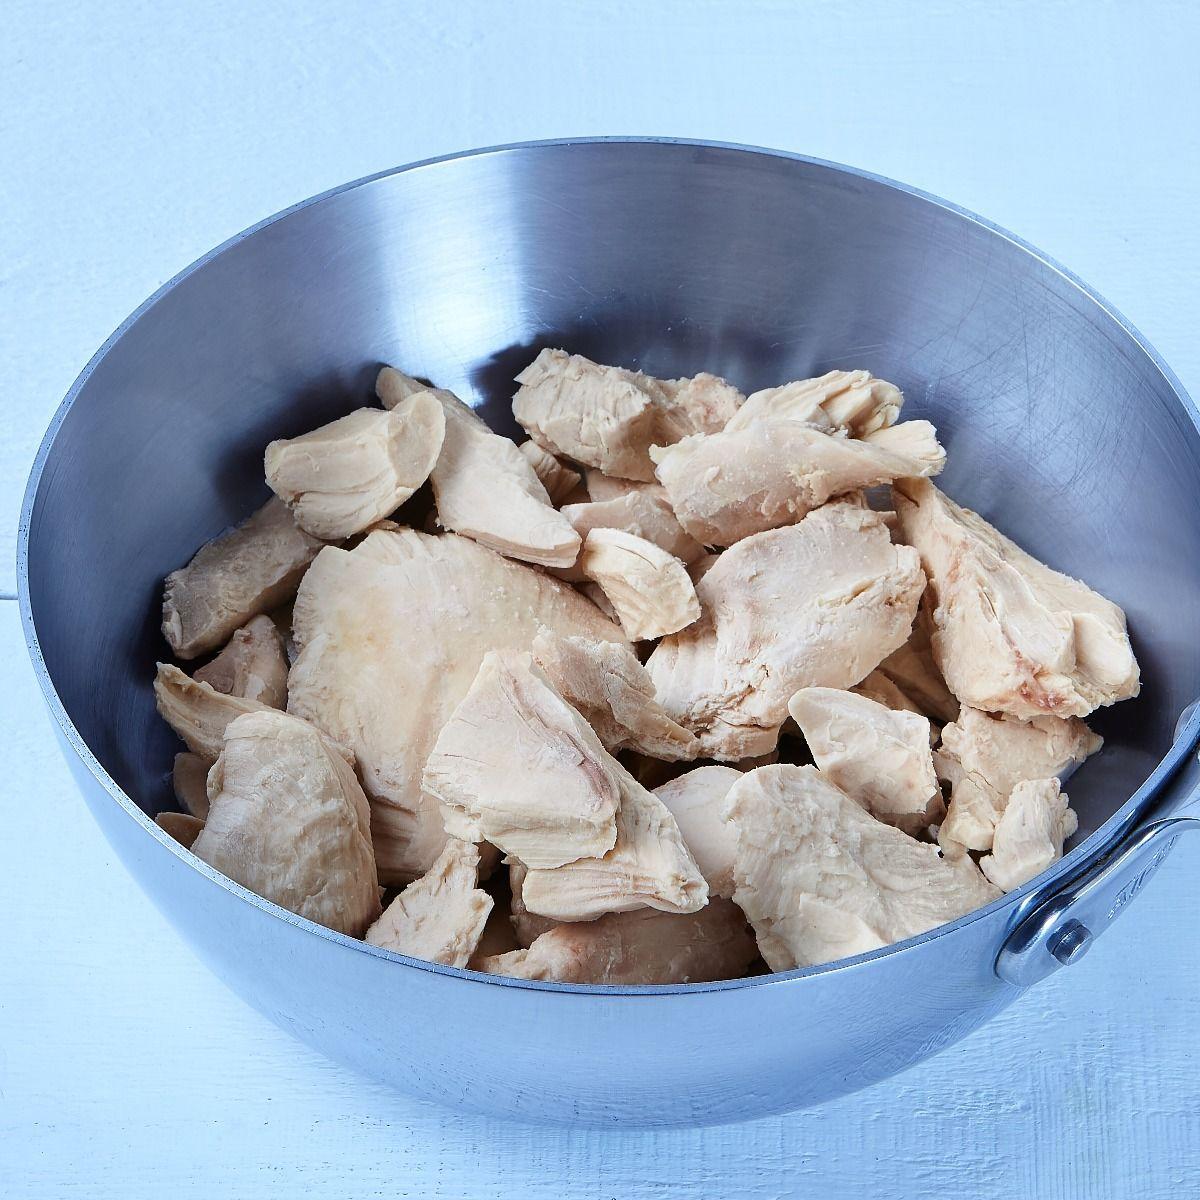 Morceaux de poitrine de poulet, entièrement cuits